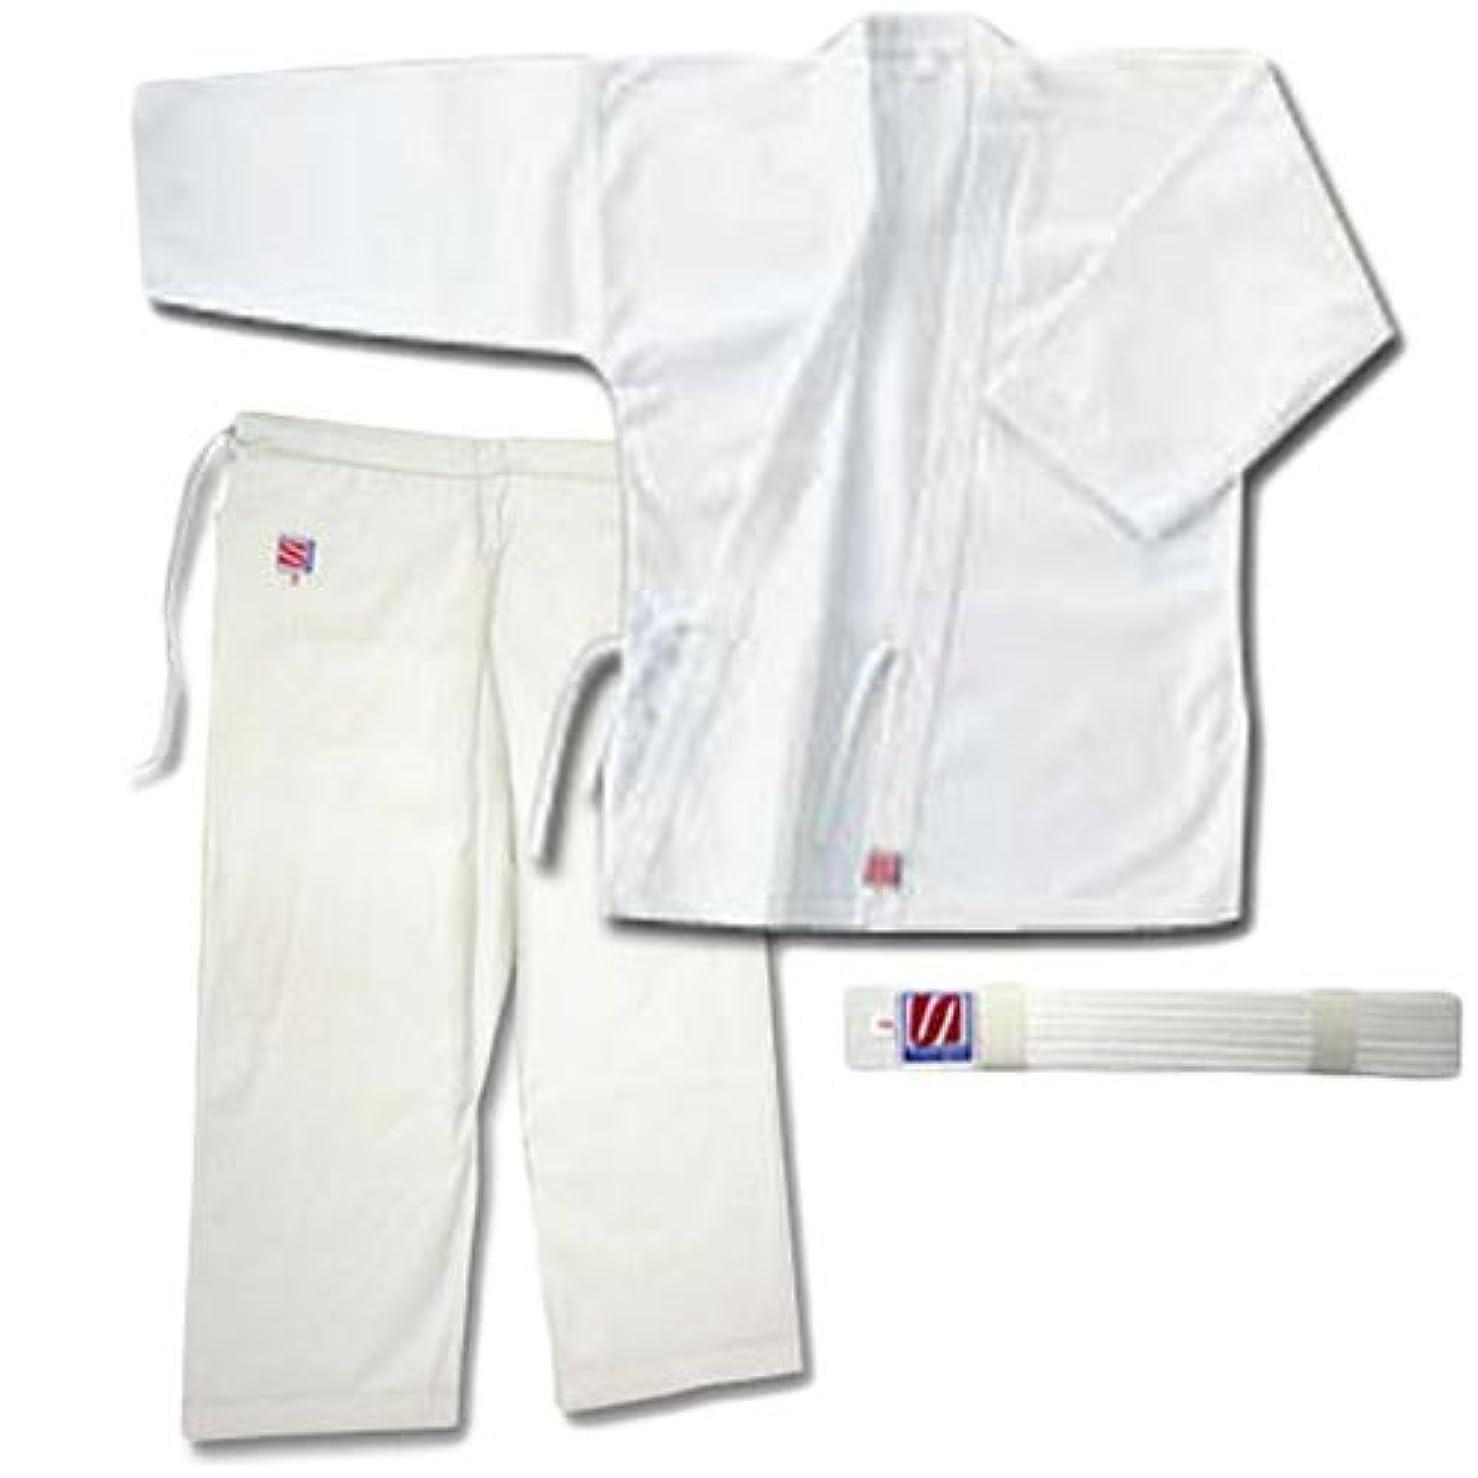 リングレット普通に批判的九櫻(クサクラ) 合気道衣 晒11号帆布 3号 (上衣、ズボン、帯セット) A23